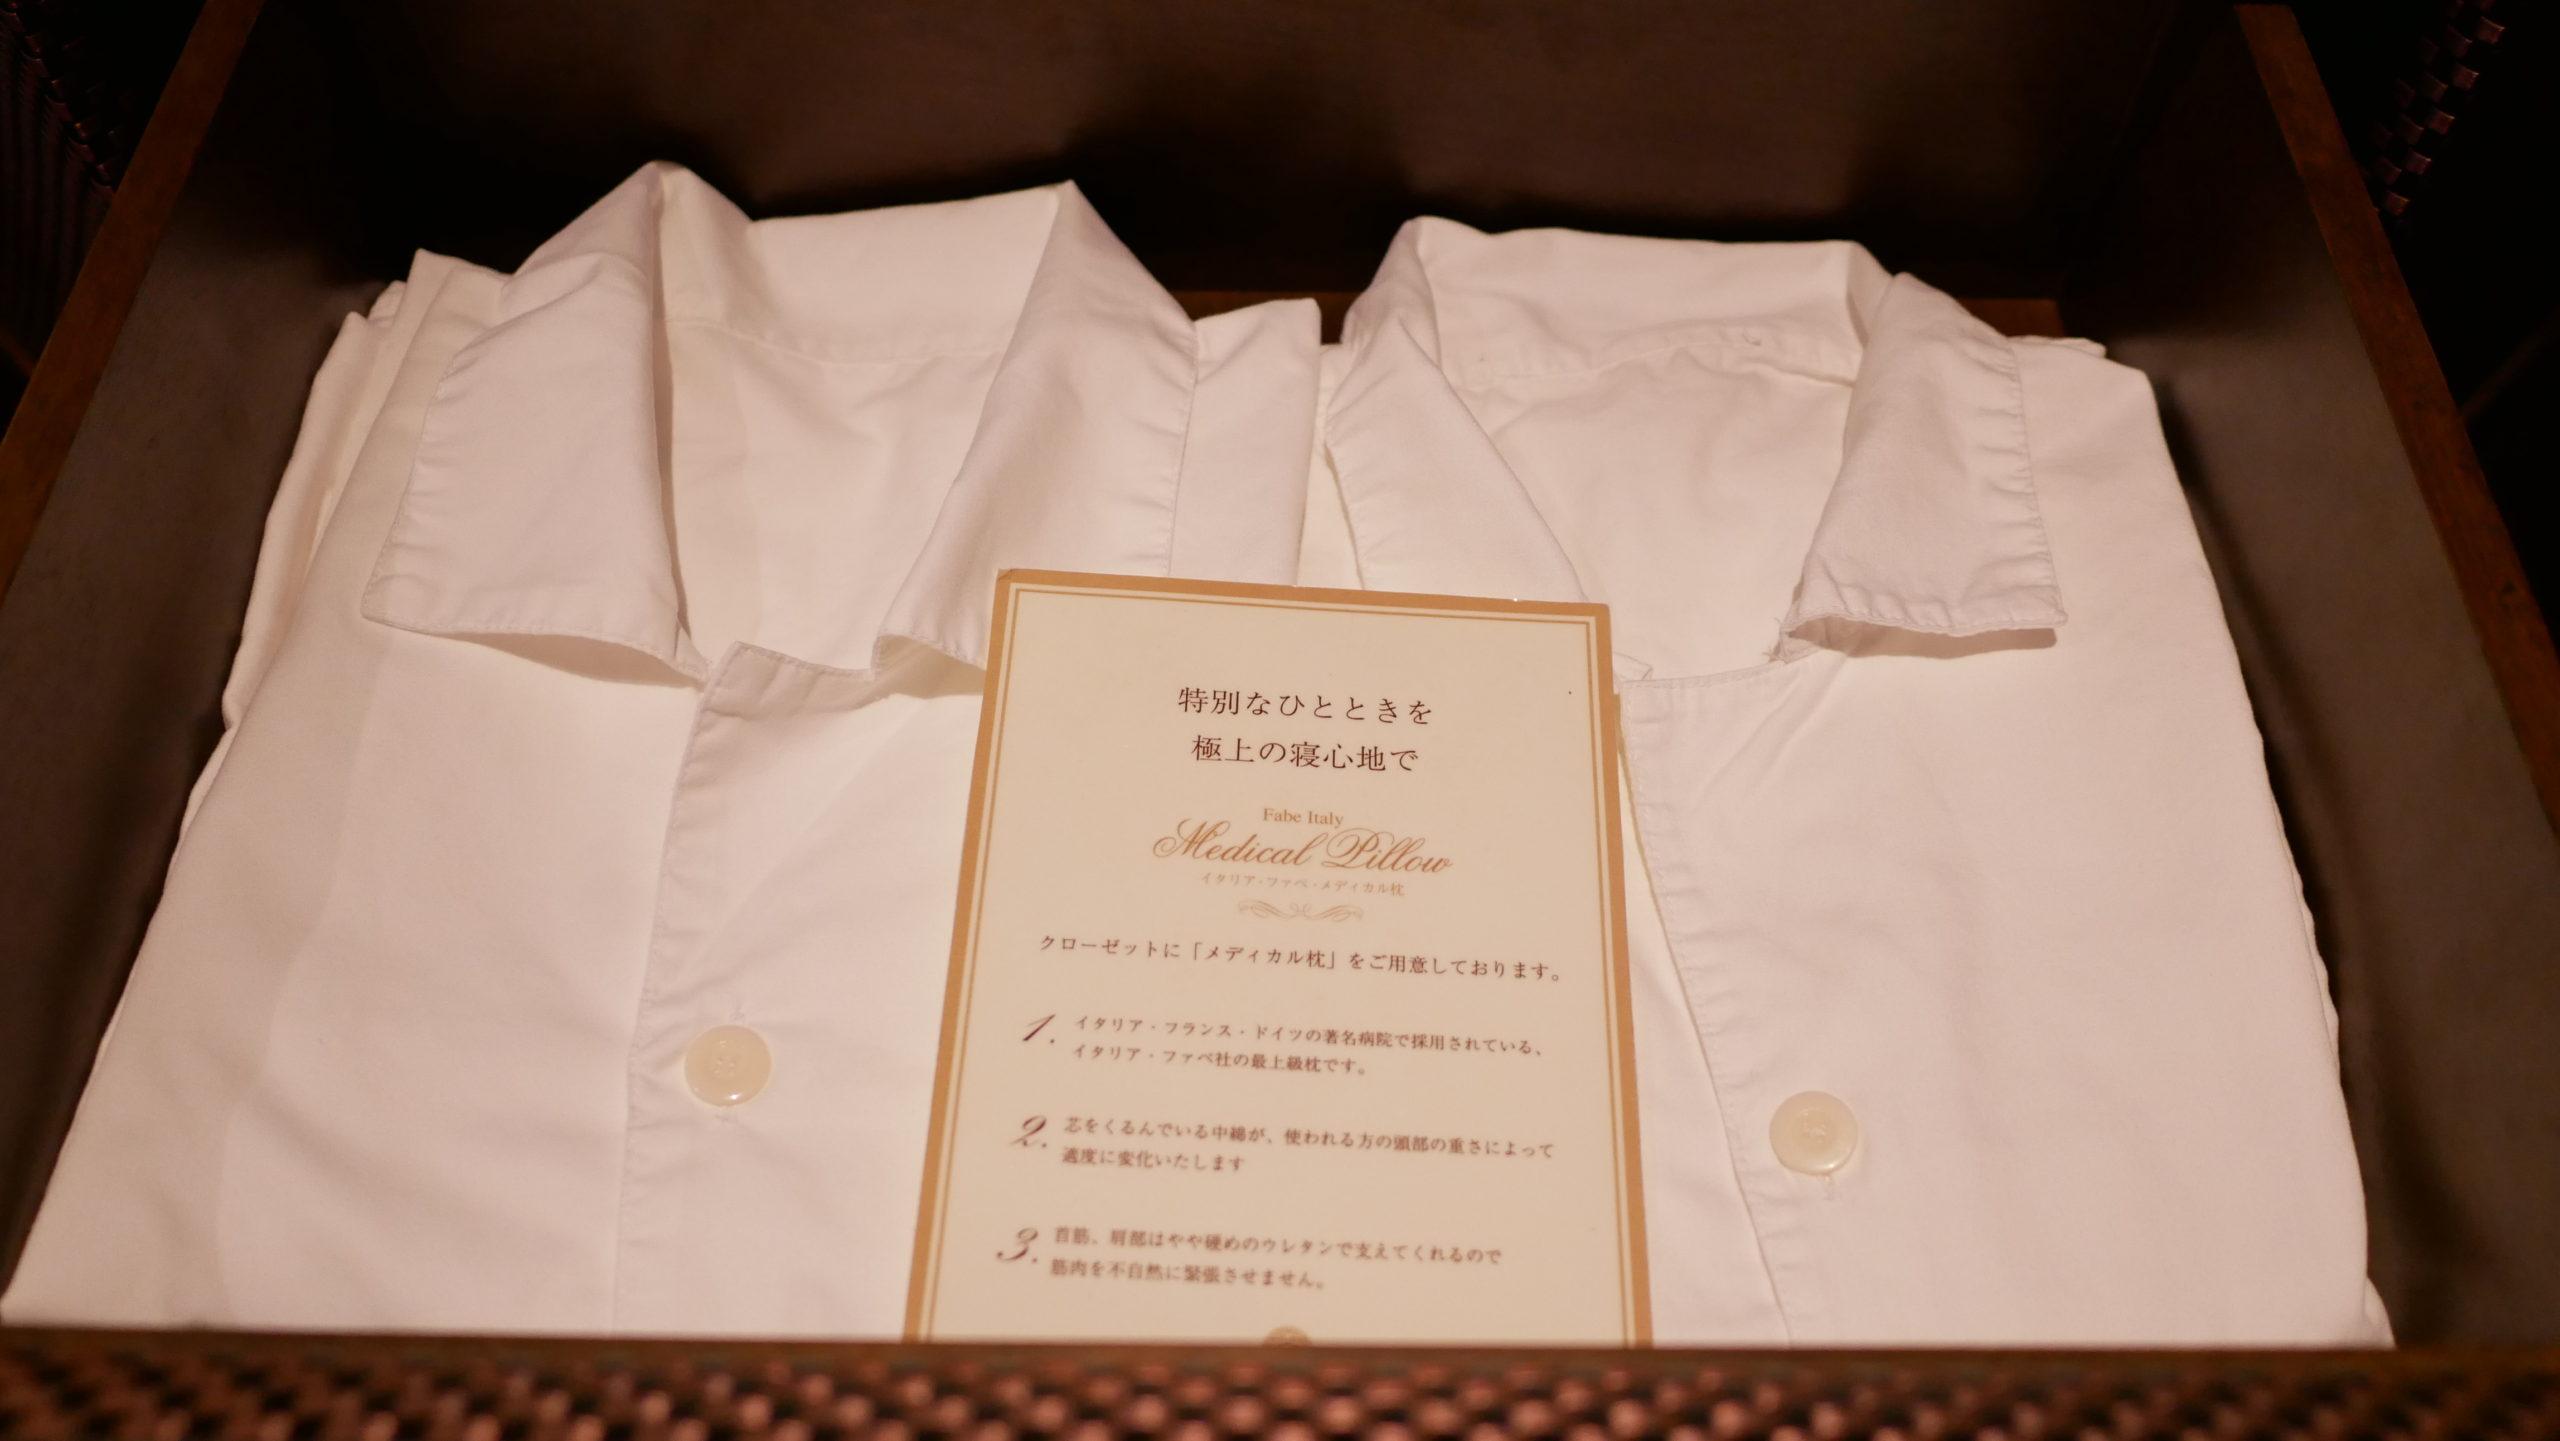 オリエンタルホテル神戸,ホテルレビュー,大町俊輔